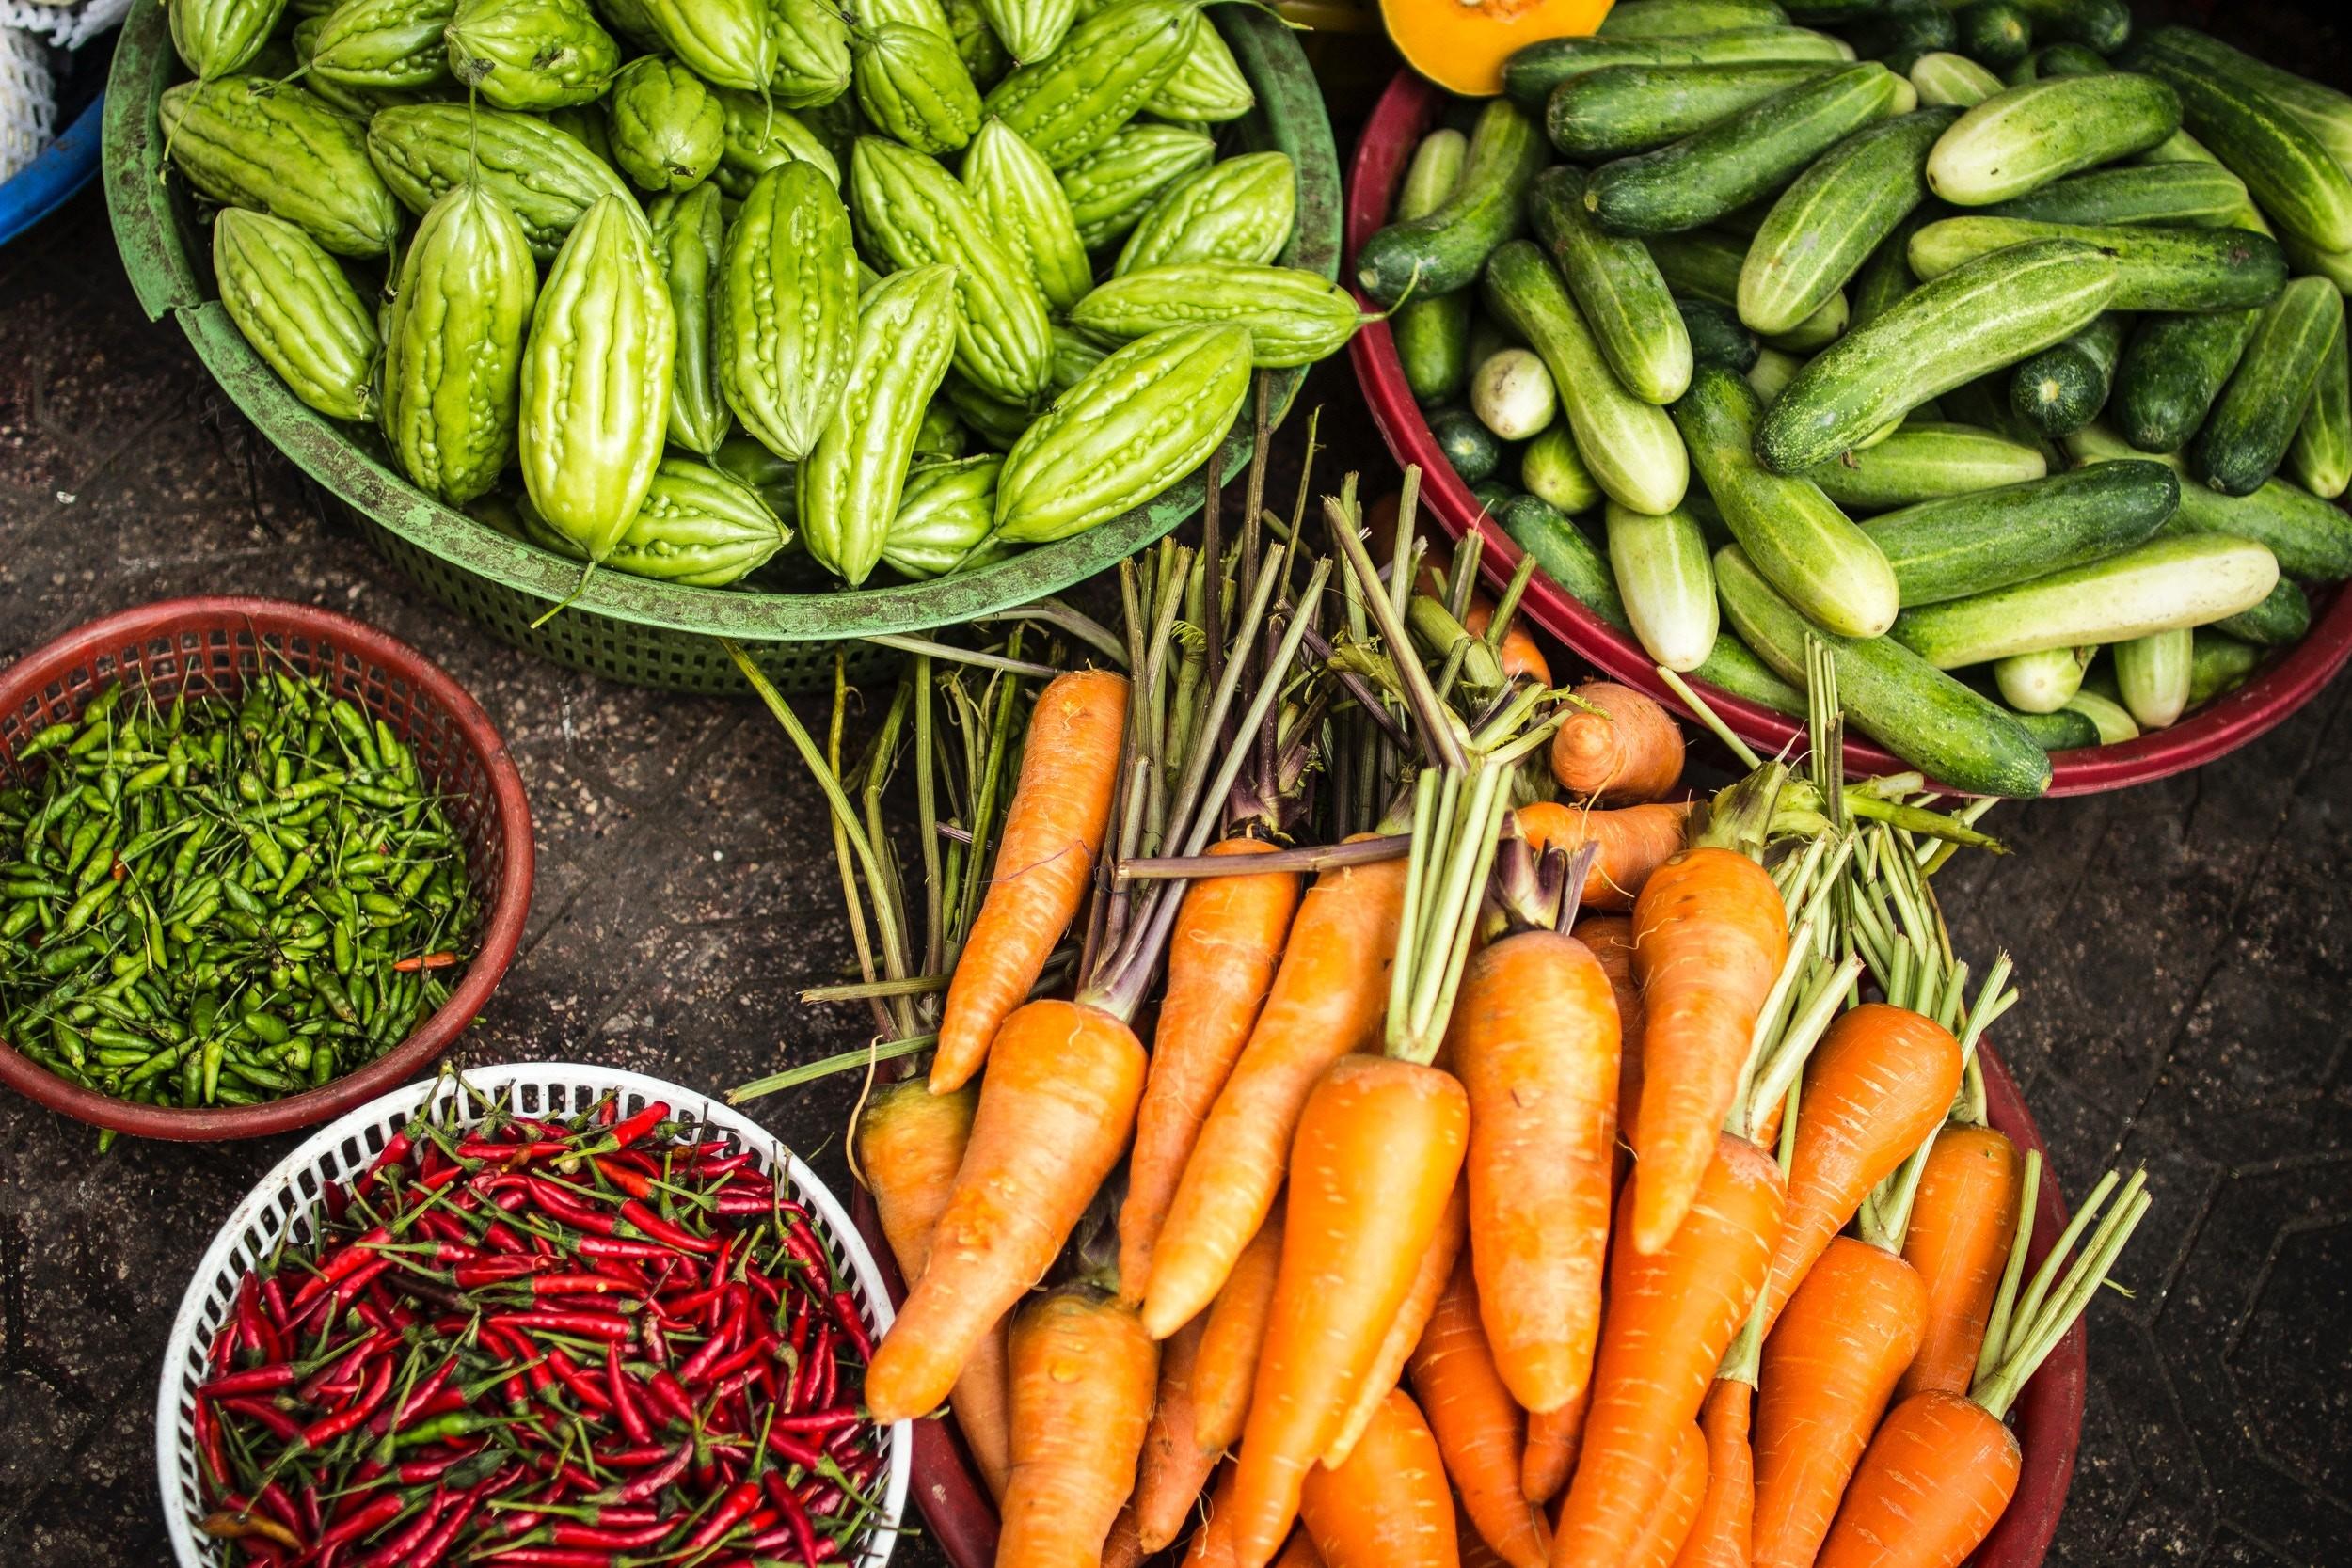 El sistema NOVA clasifica los vegetales en el Grupo 1